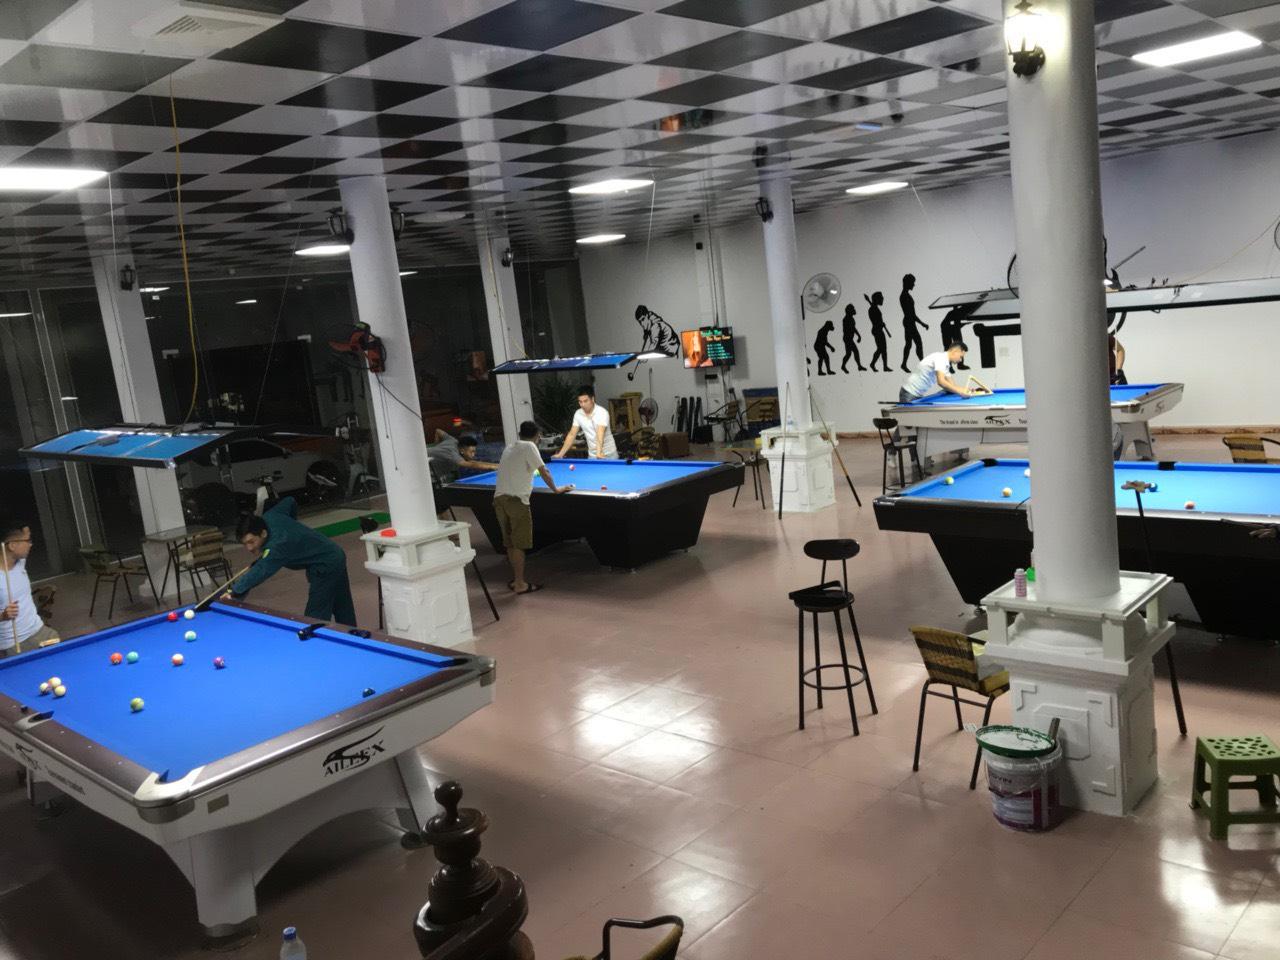 Billiards Hoàn Thúy lắp đặt 2 bàn aileex 9020 và 2 bàn Pool Yalin tại Mộc Châu, Sơn La